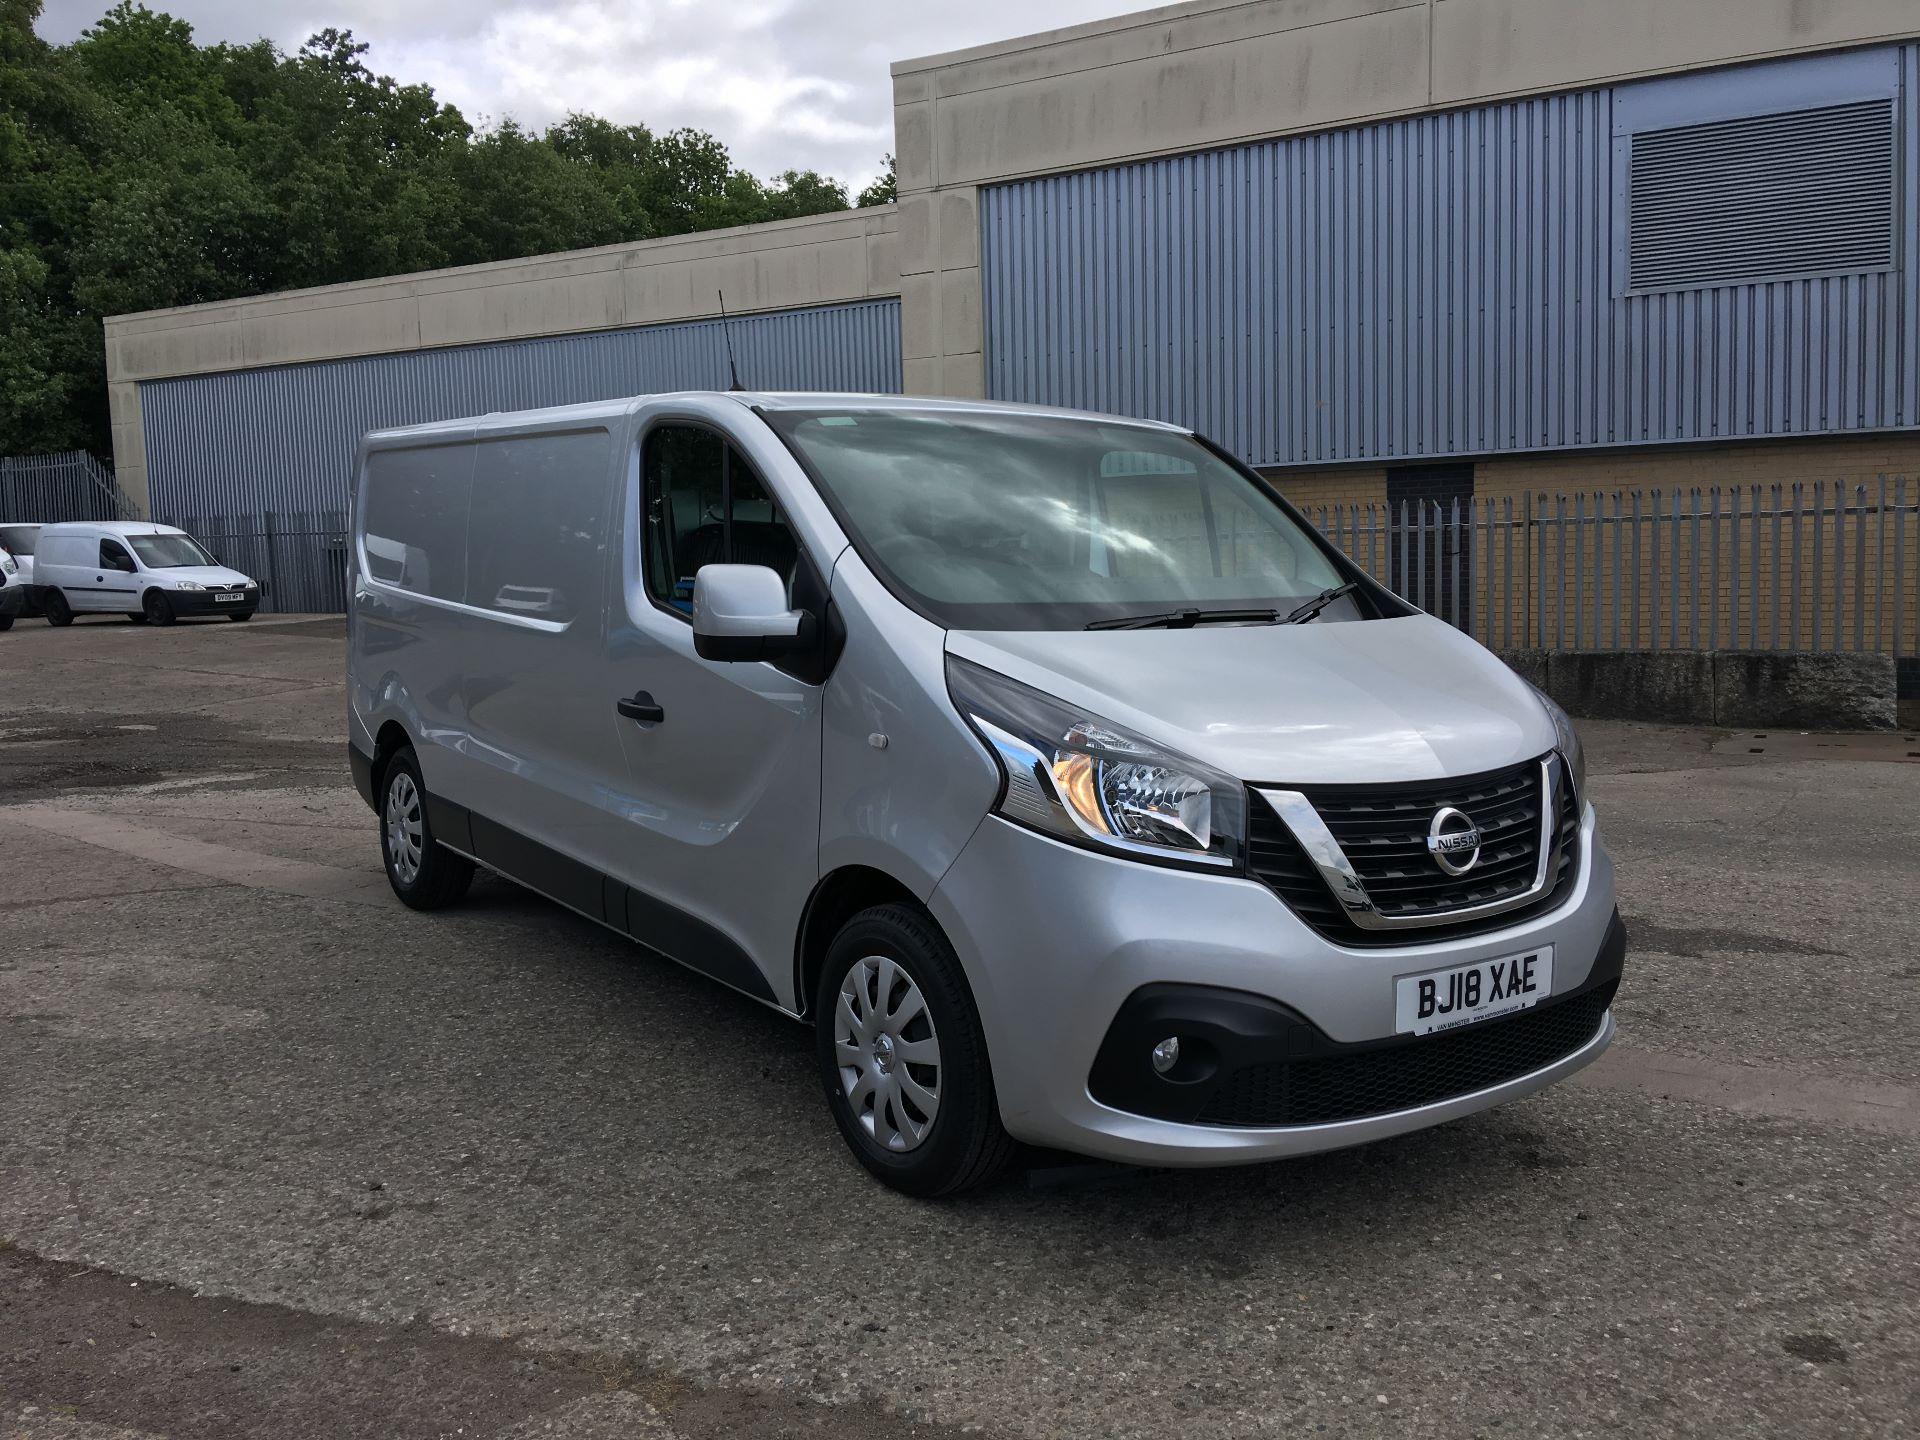 2018 Nissan Nv300 L2 1.6 DCI 120PS H1 ACENTA EURO 6 (BJ18XAE)